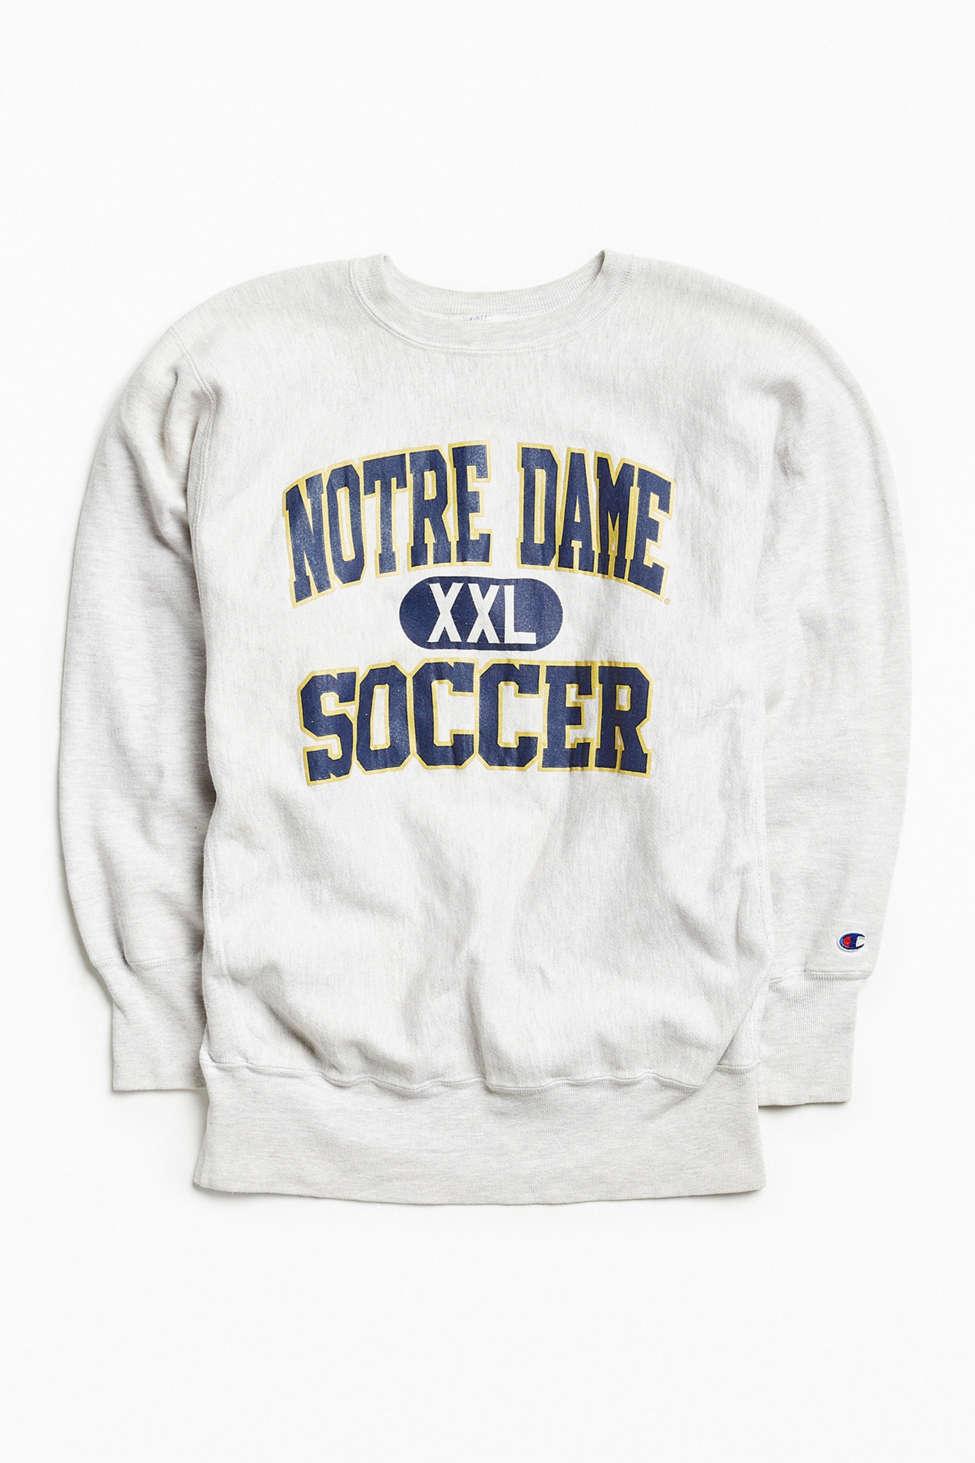 Vintage Champion Notre Dame Soccer Crew Neck Sweatshirt Urban